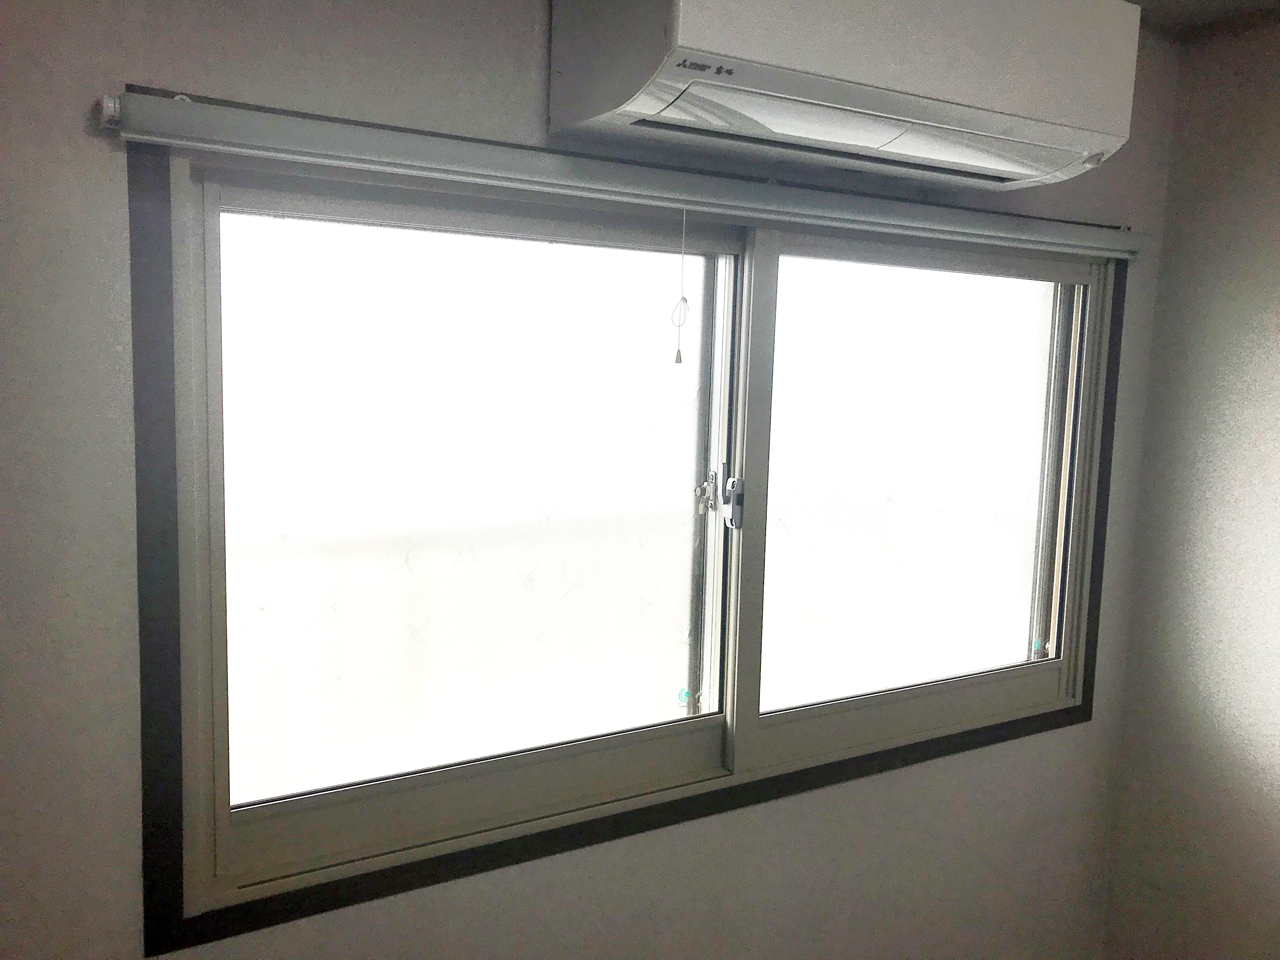 内窓プラスト&防音合わせガラス施工後